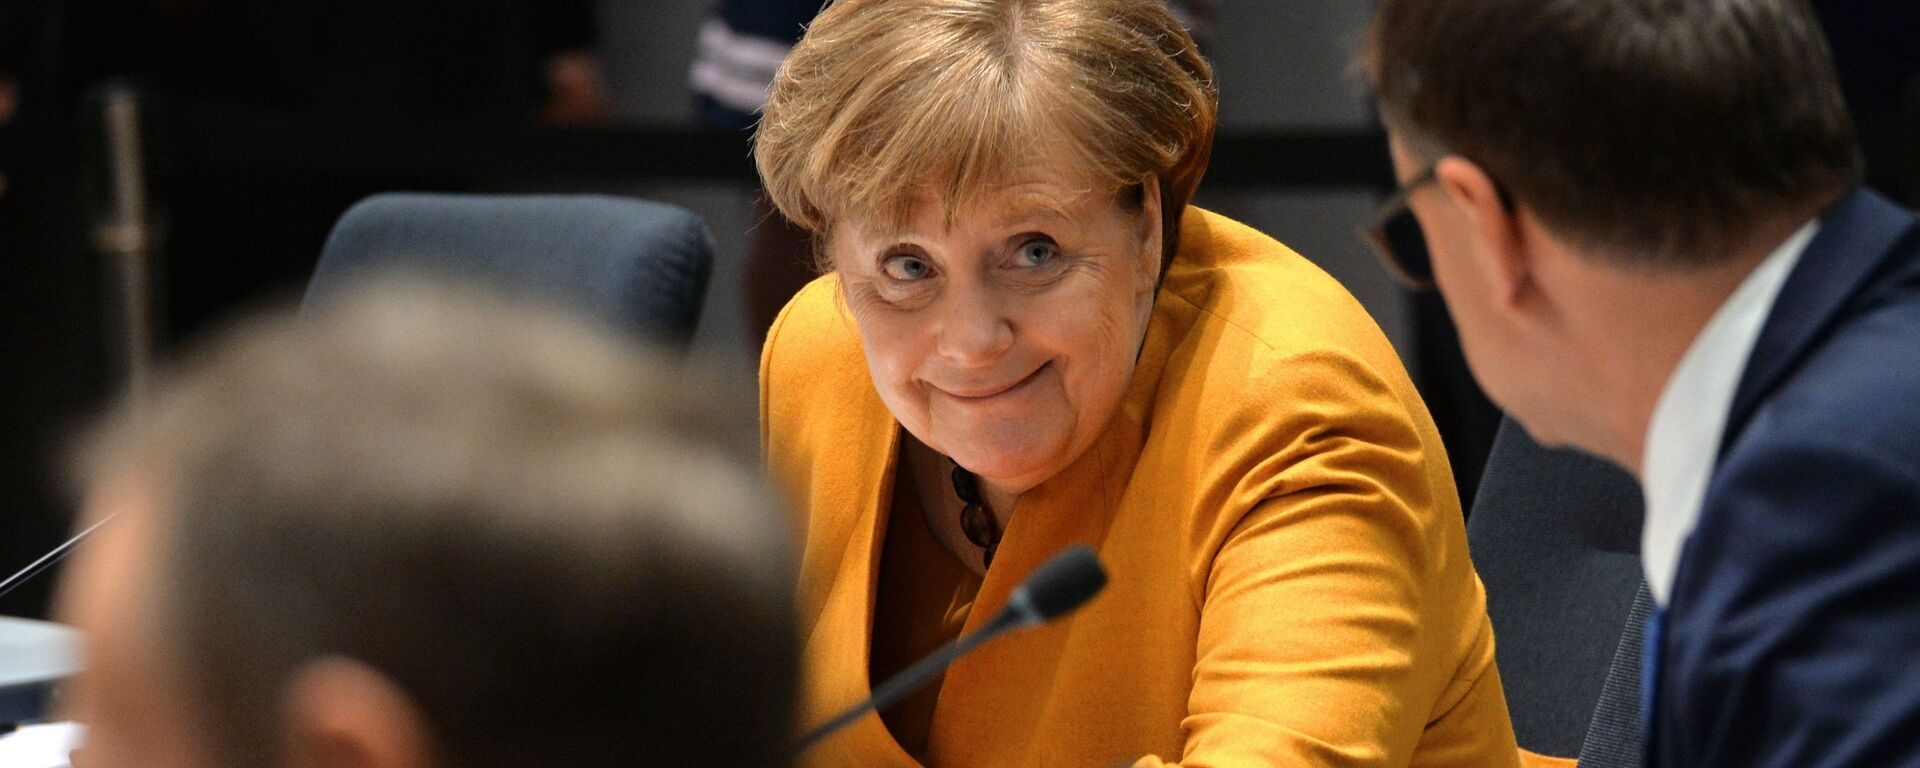 Федеральный канцлер Германии Ангела Меркель на саммите глав государств и правительств Евросоюза в Брюсселе - Sputnik Узбекистан, 1920, 22.01.2021